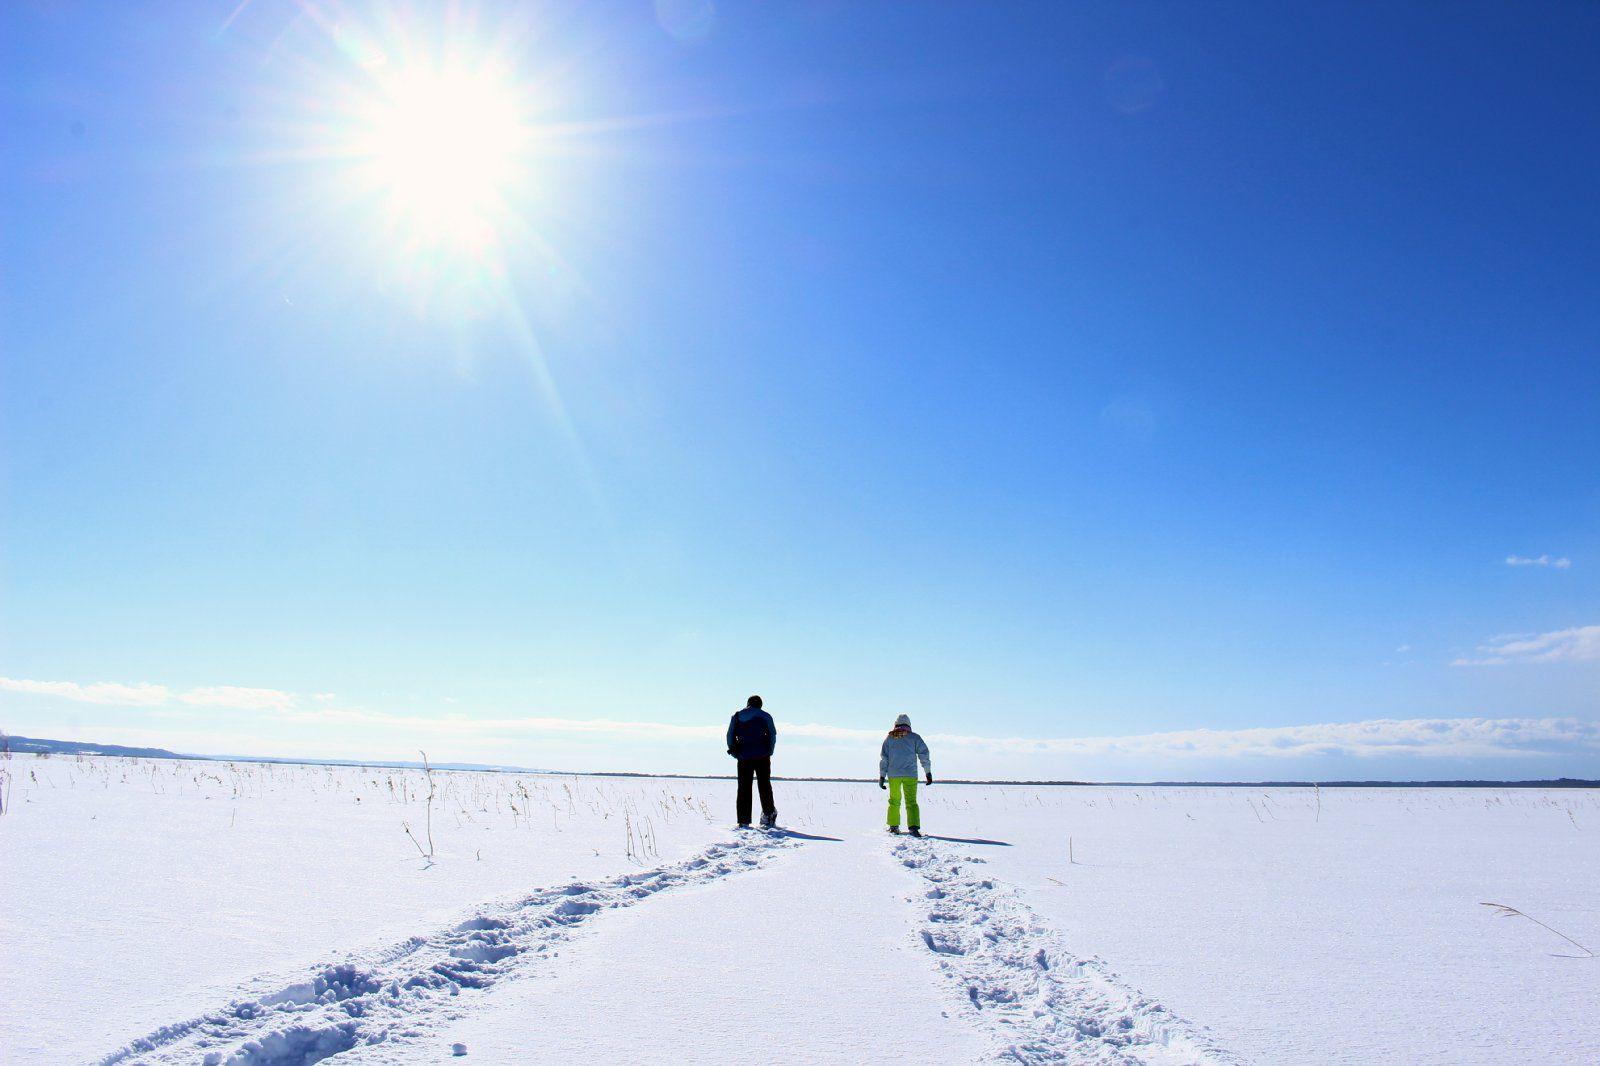 きらめく雪の大地へ!サロベツ湿原スノーシューハイキングサロベツ湿原スノーシューハイキング